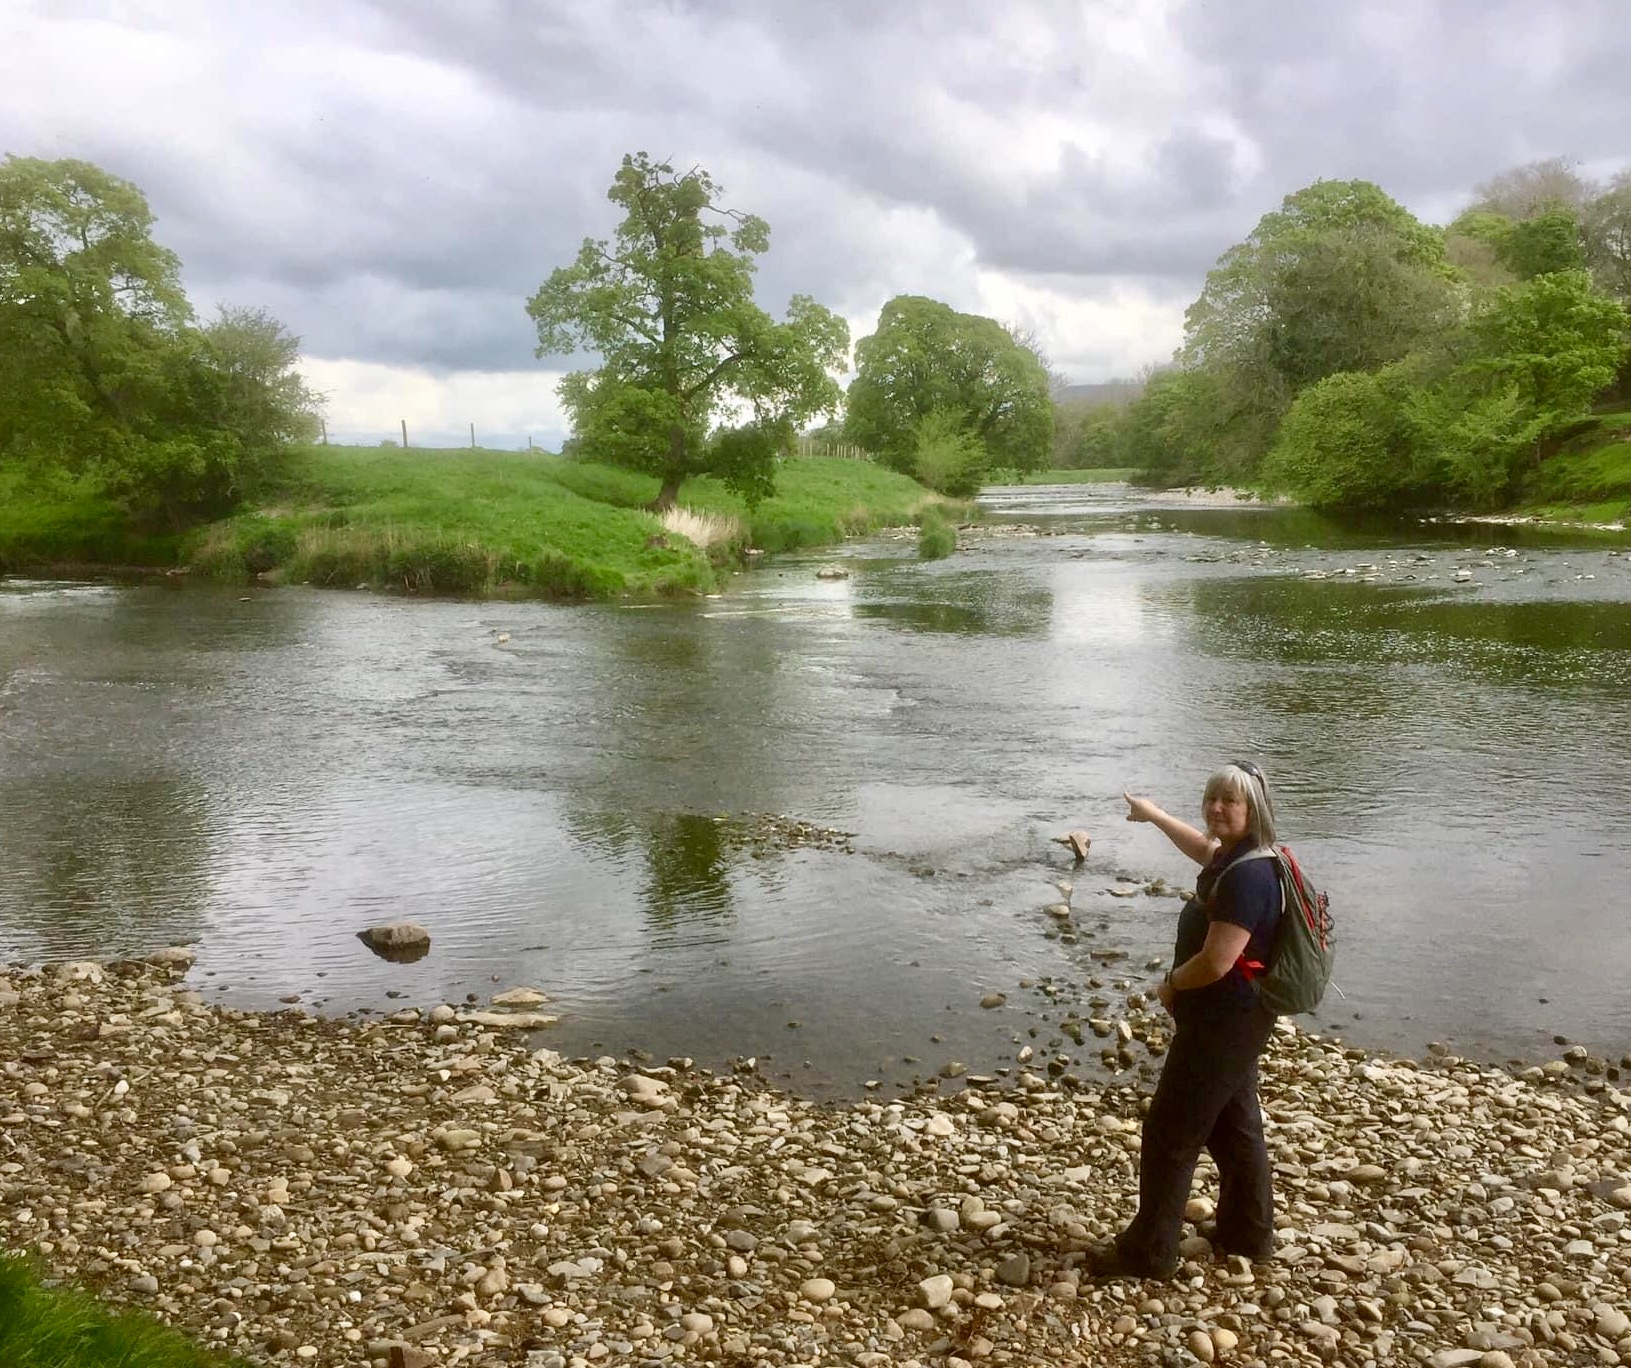 Hodder Ribble confluence